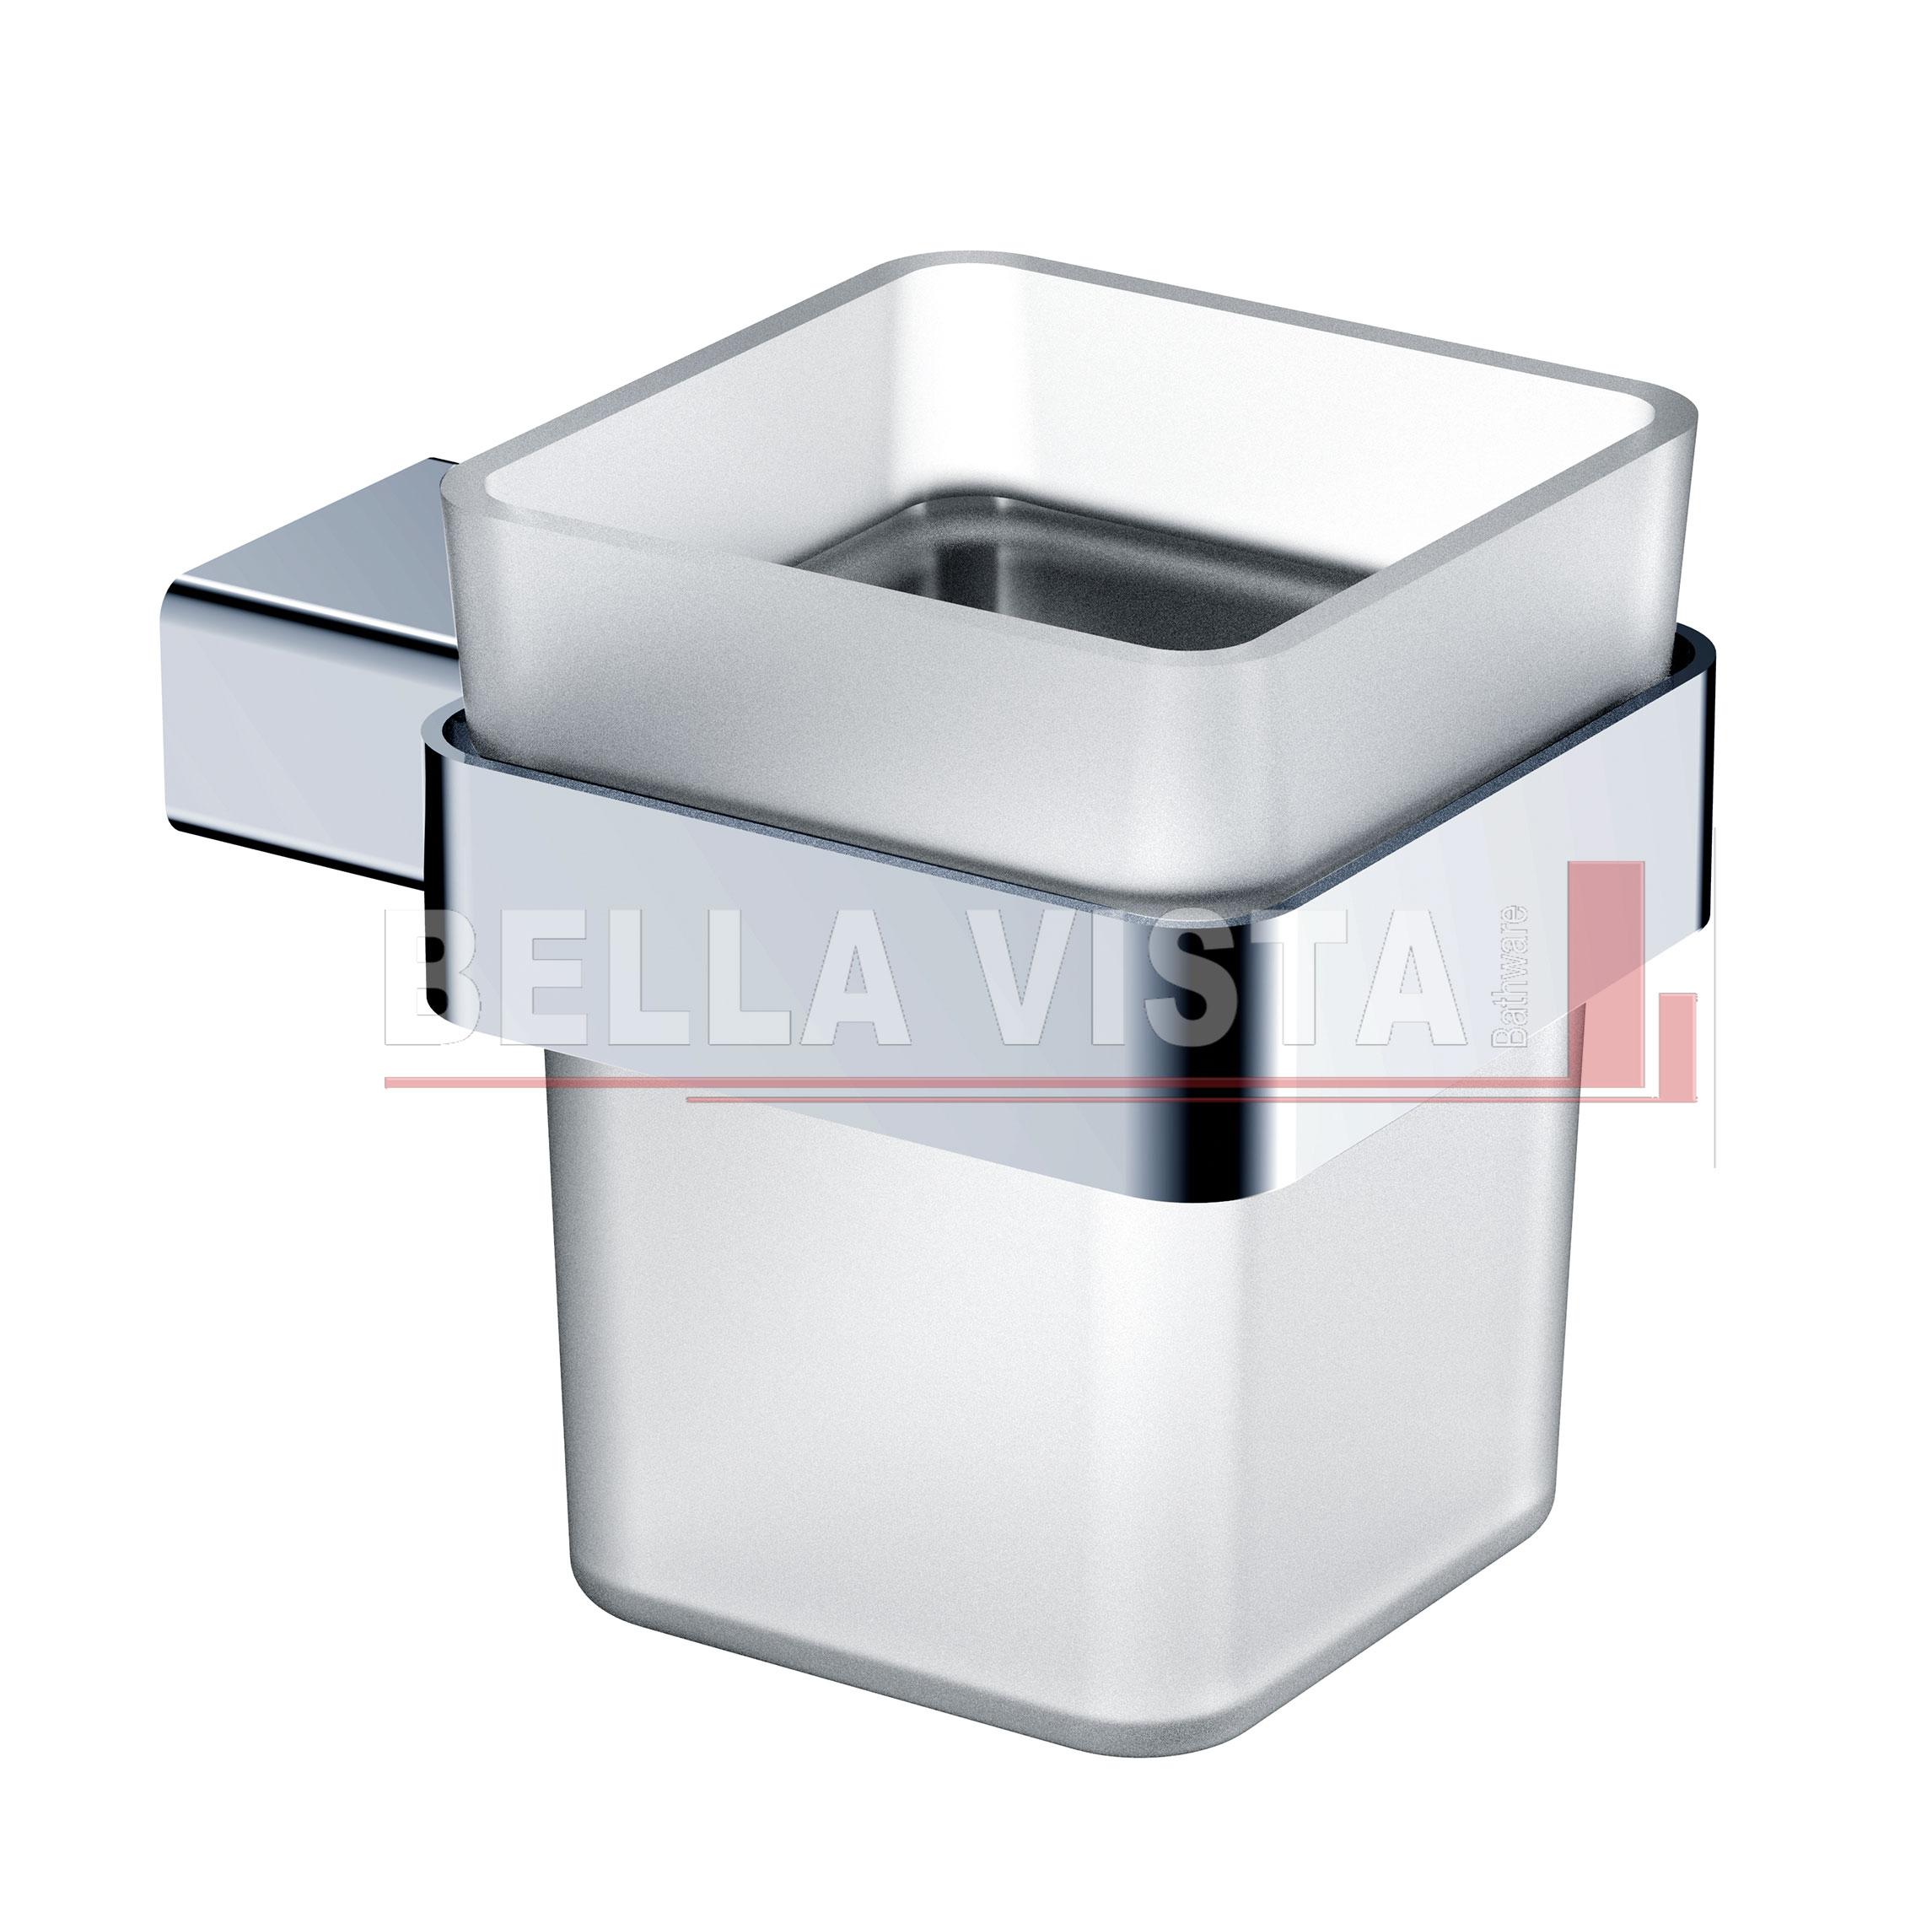 Bella Vista Bathware  Home  Facebook